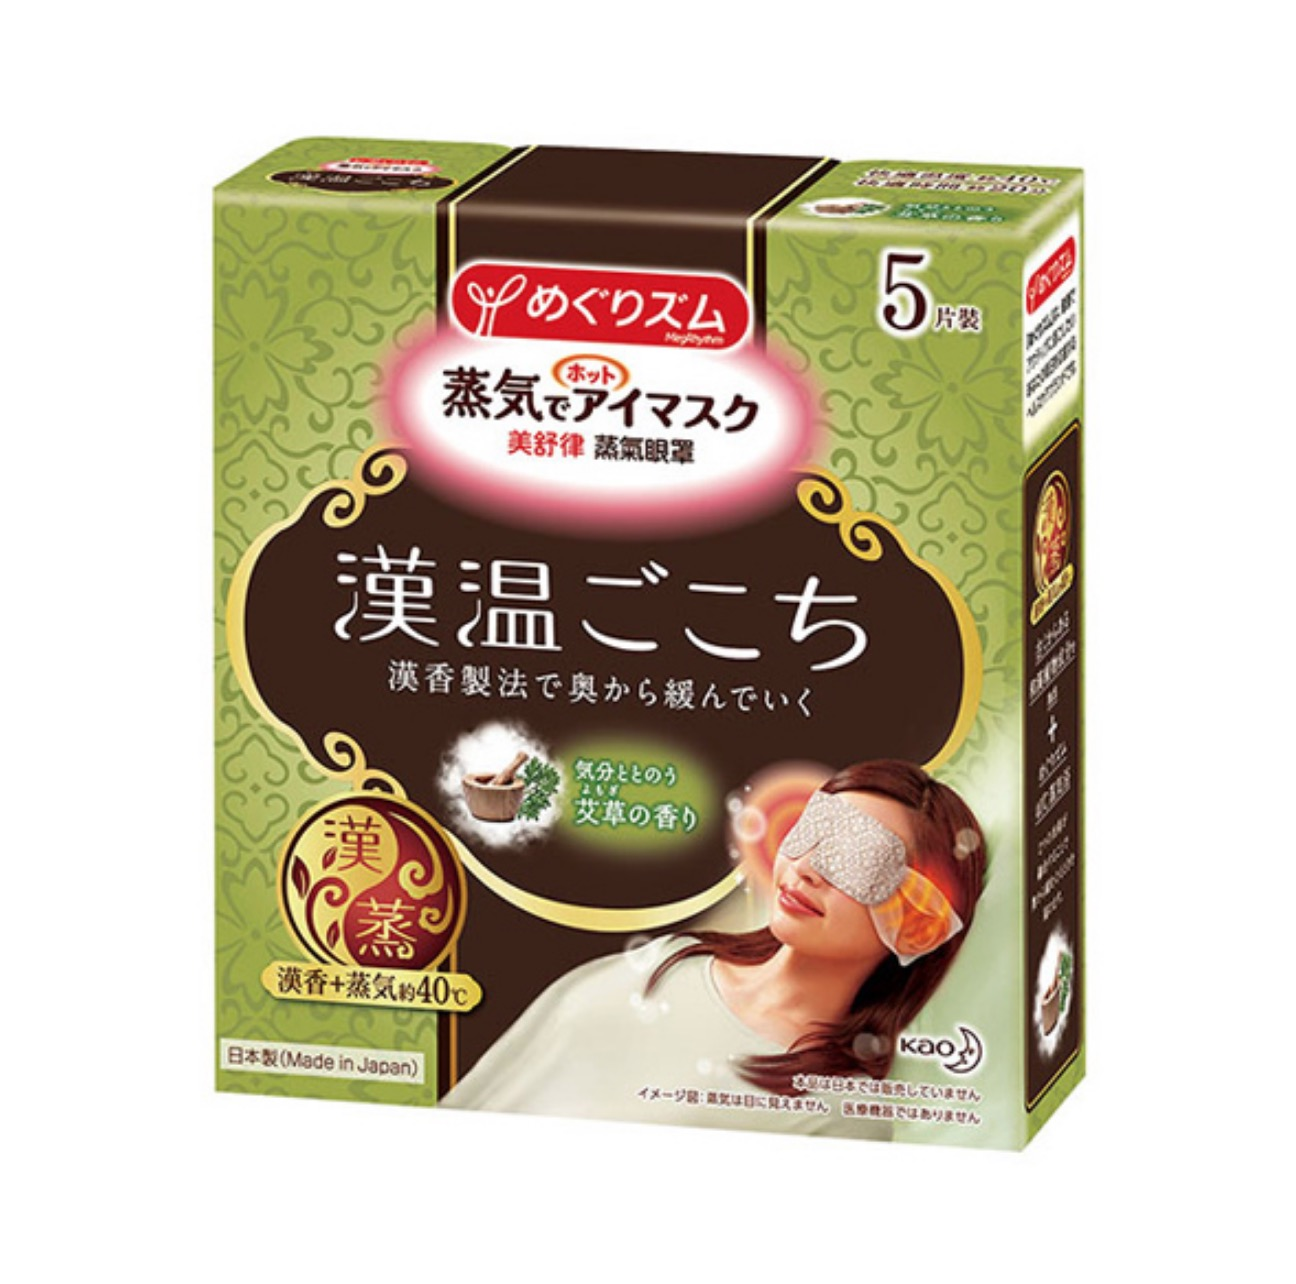 美舒律 蒸氣眼罩溫熱舒緩過度使用3C而無法放鬆的身心